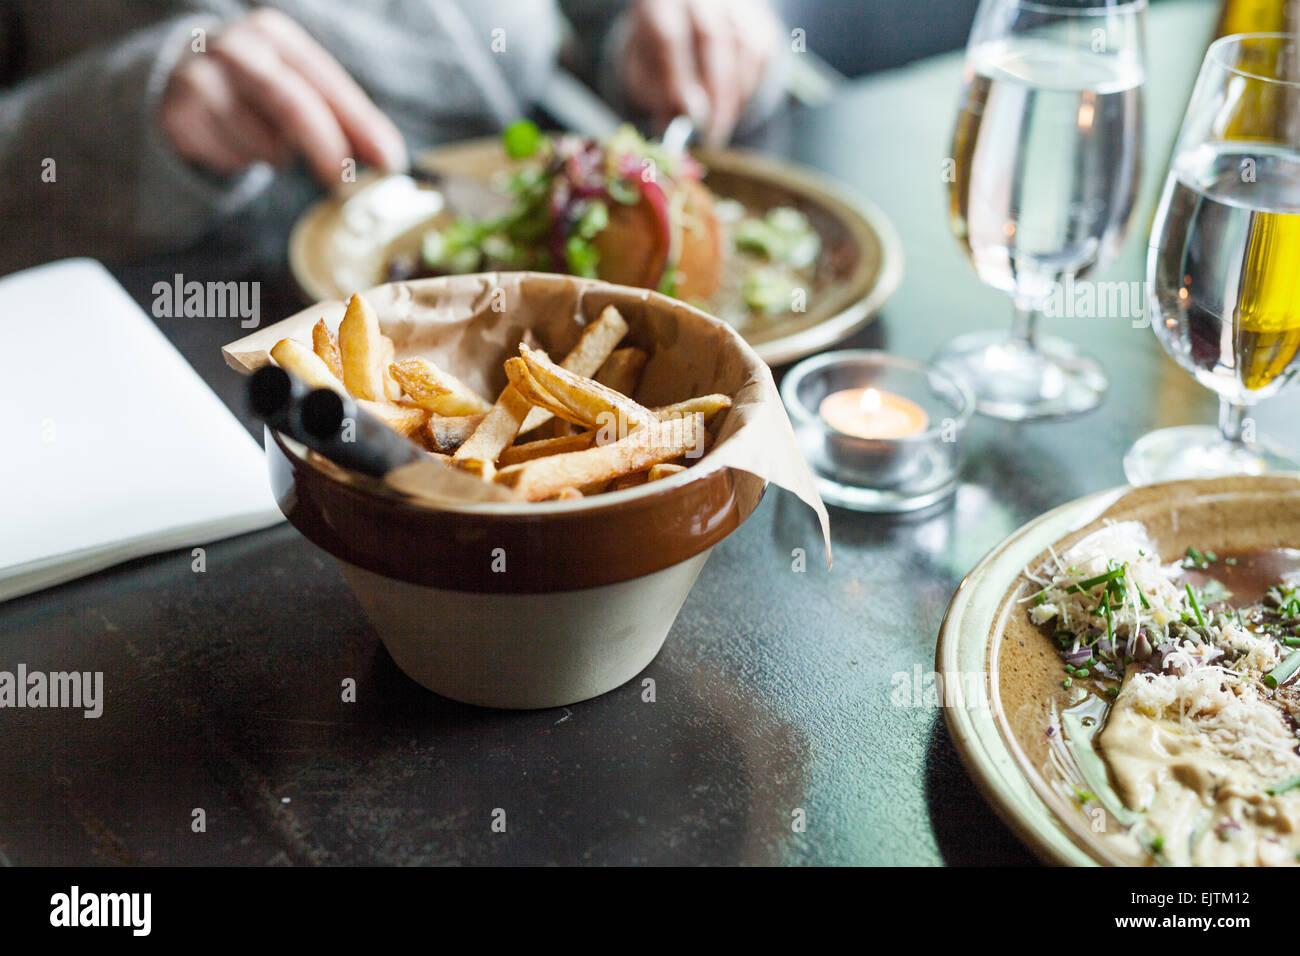 Il cibo e le bevande sono serviti al tavolo Immagini Stock